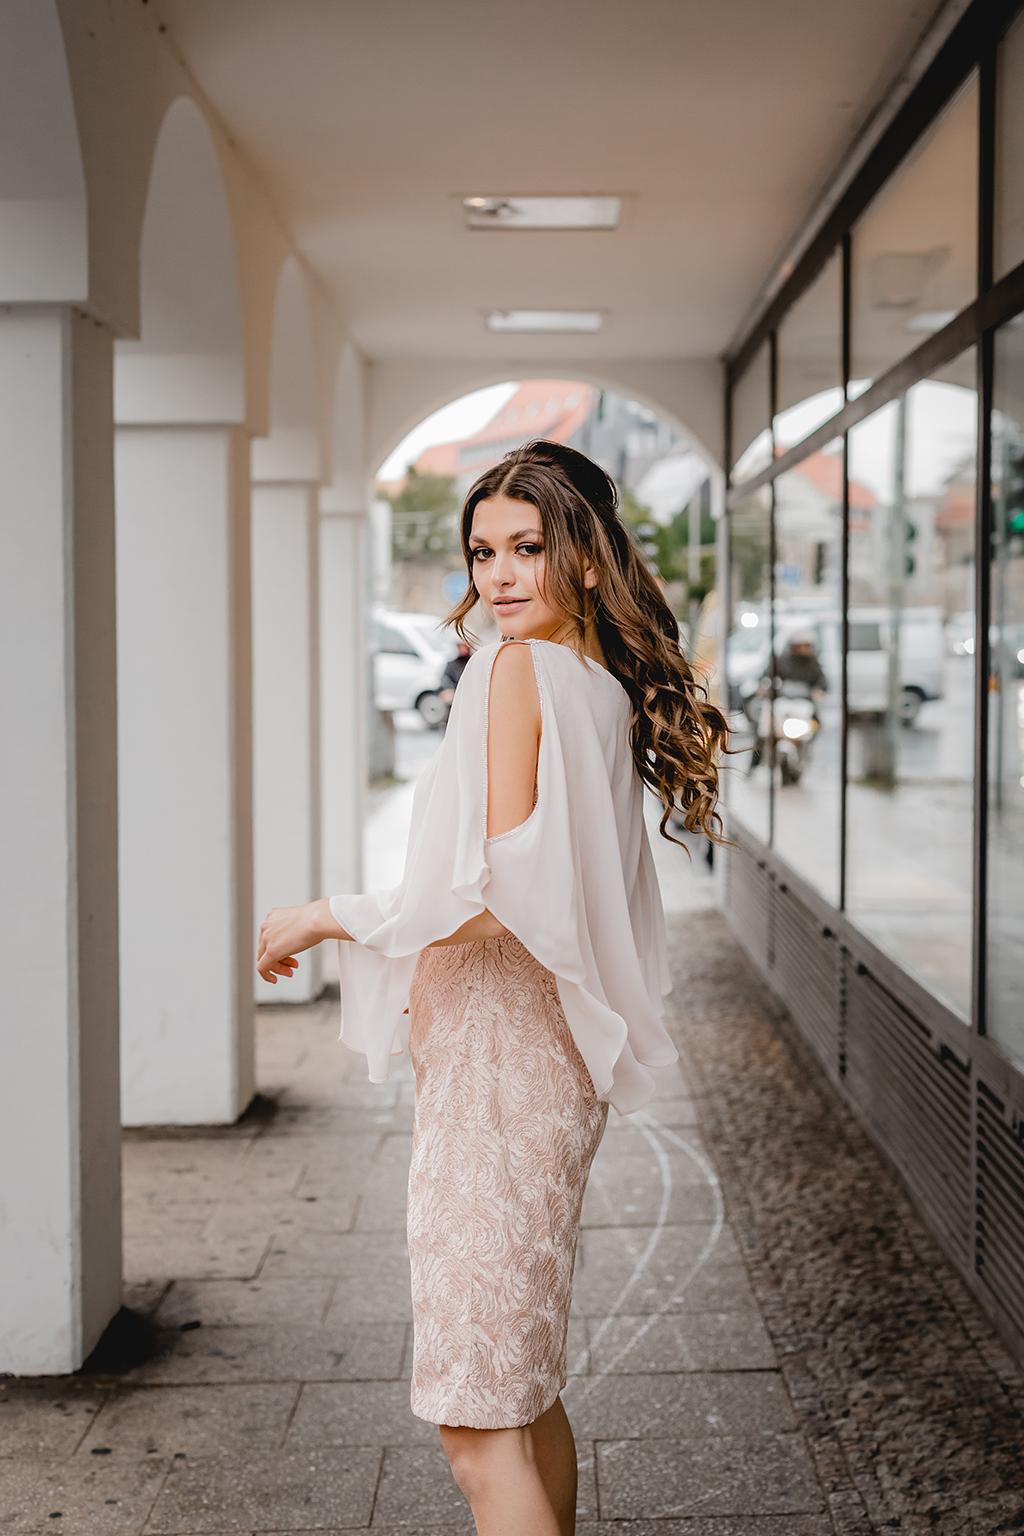 Weißes luftiges Oberteil und knielanger Rock in blass rosa Ton und Blumenmuster - Feelings Braut & Festmoden